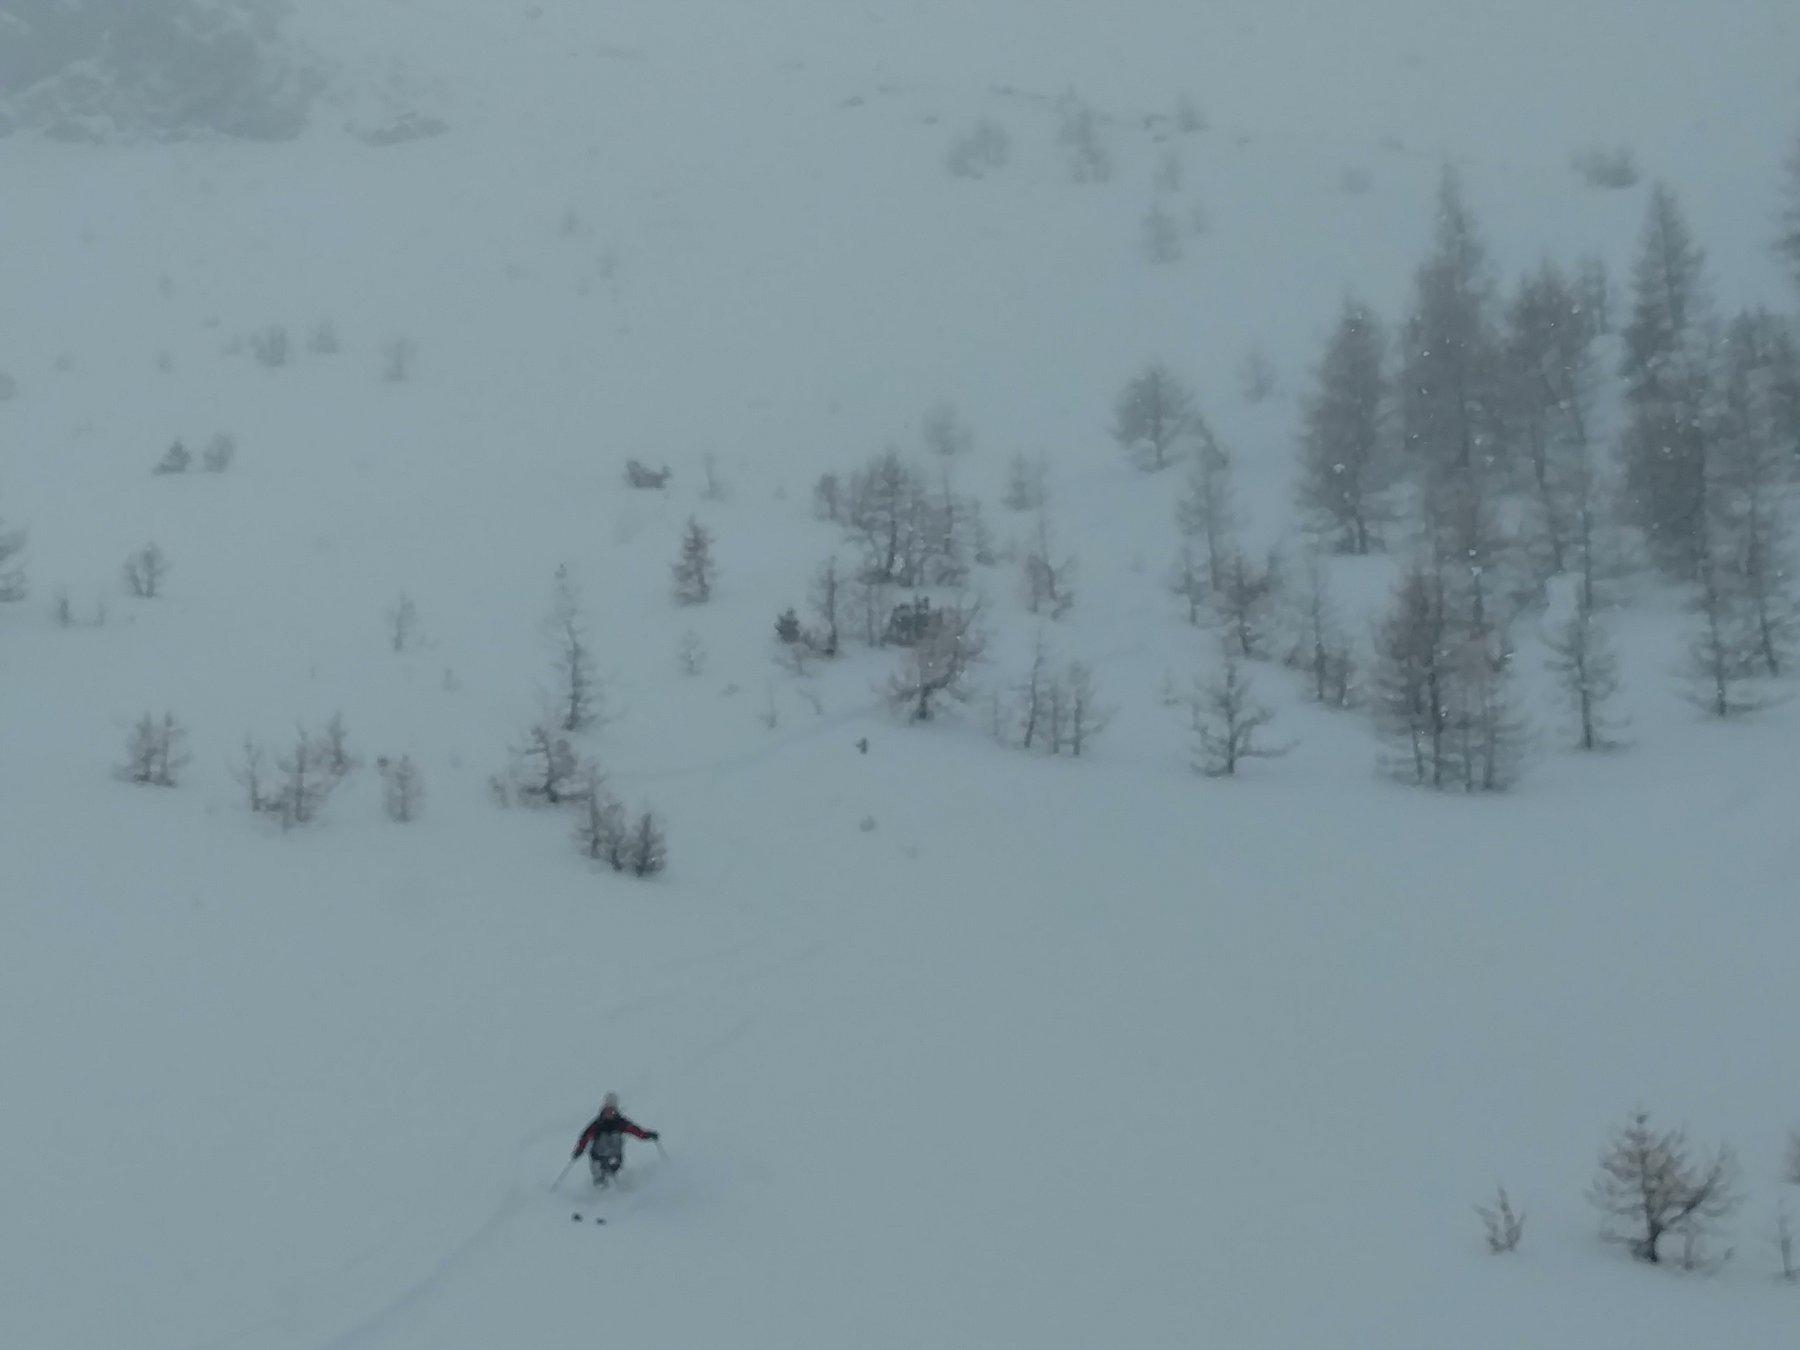 Discesa inizio bosco sotto fitta nevicata